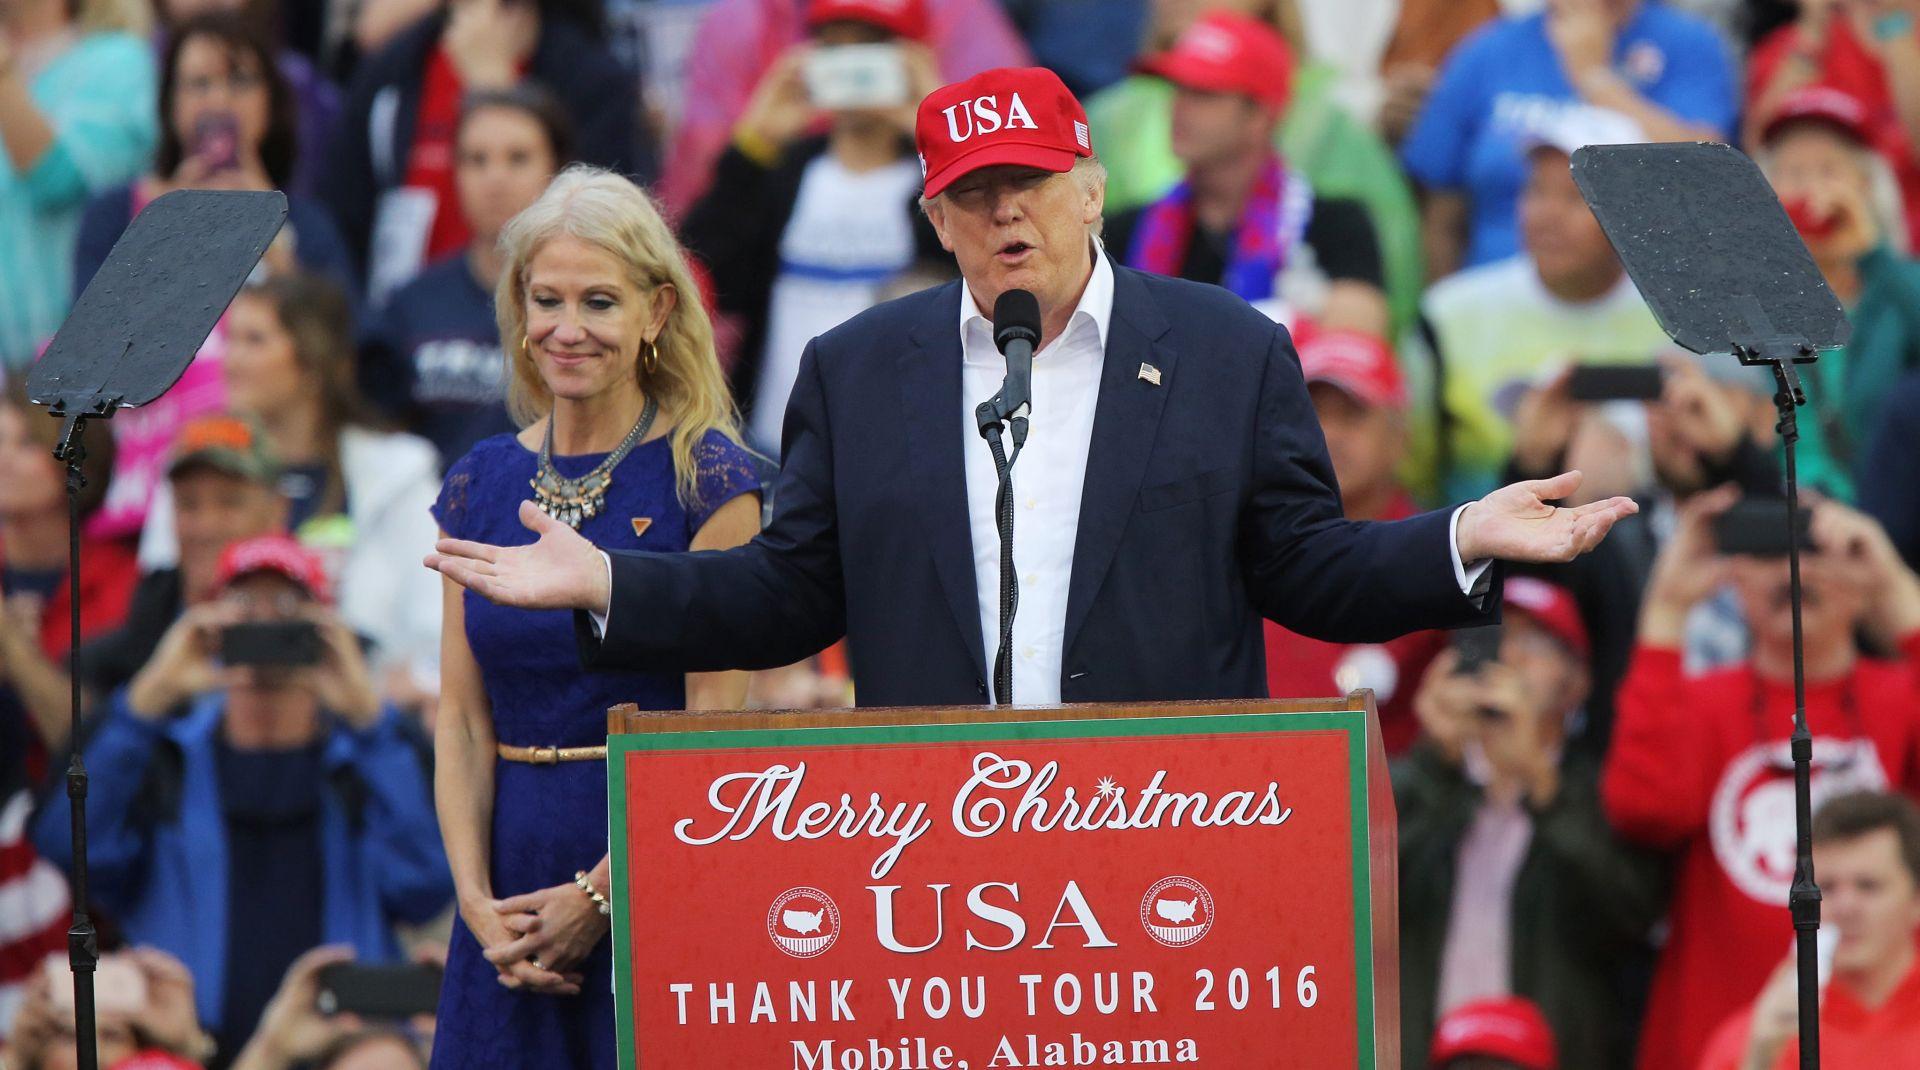 Trump nakon susreta s obavještajnim čelnicima rekao da hakiranje nije utjecalo na izbore